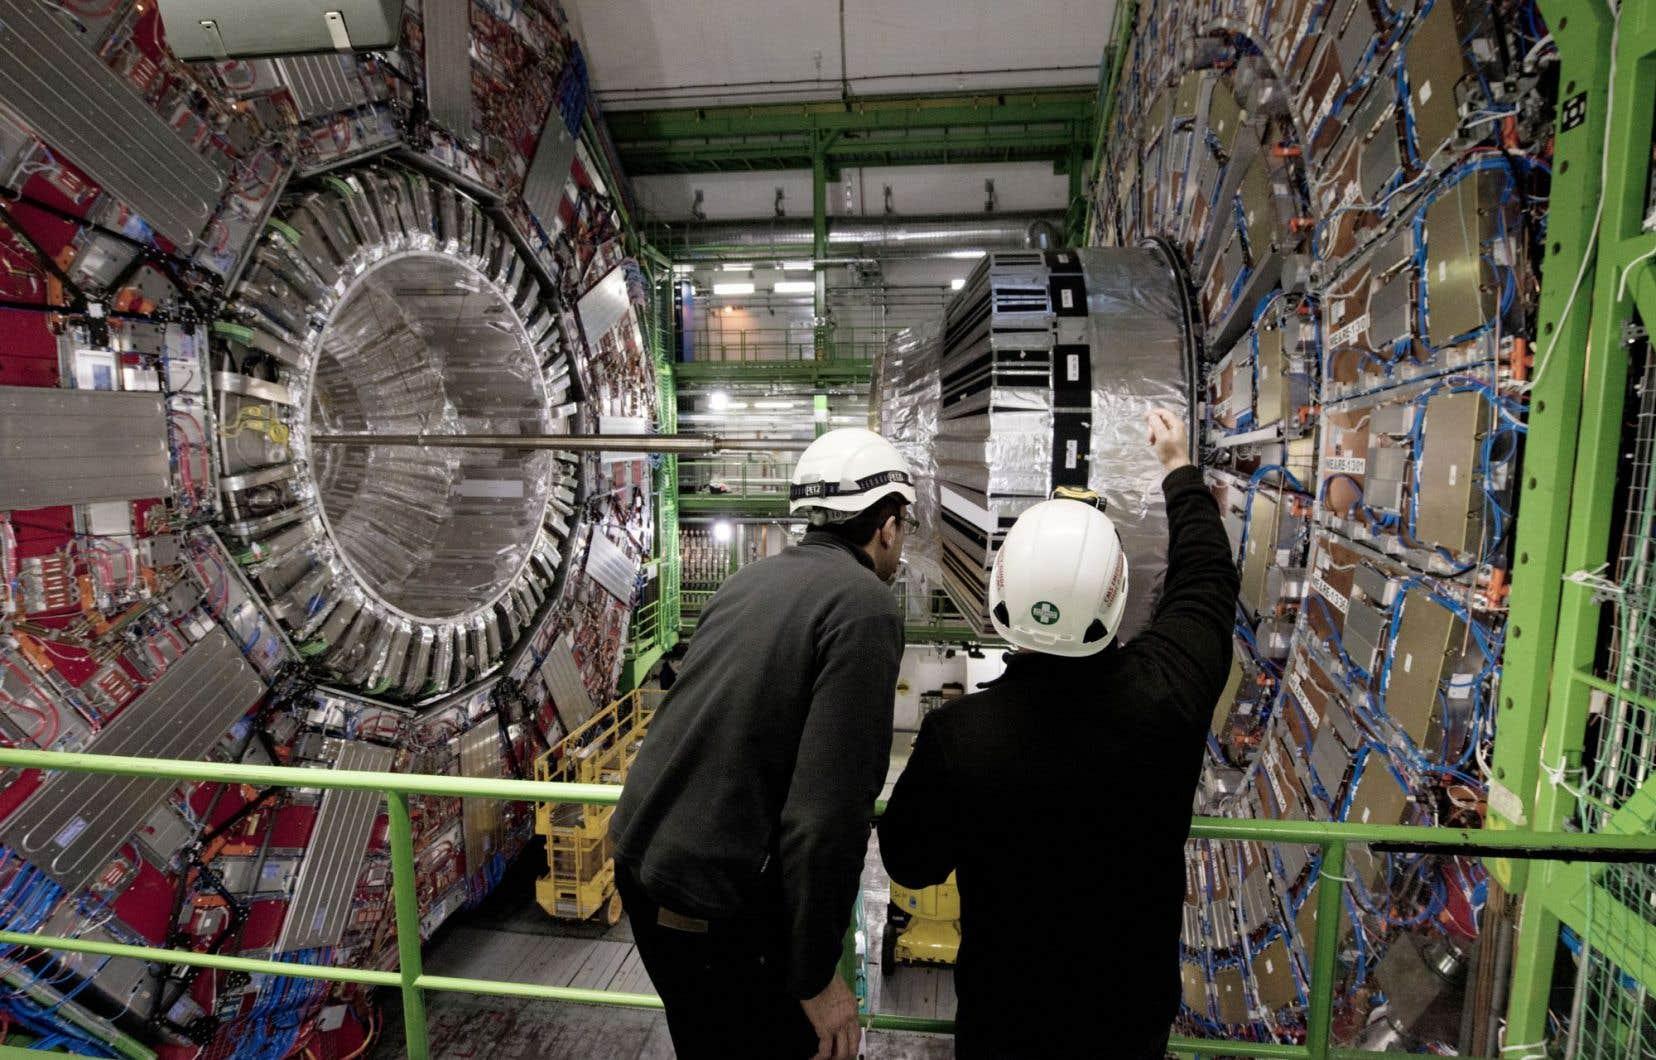 Le CERN compte ouvrir une résidence d'artiste atypique dans son laboratoire de Genève.